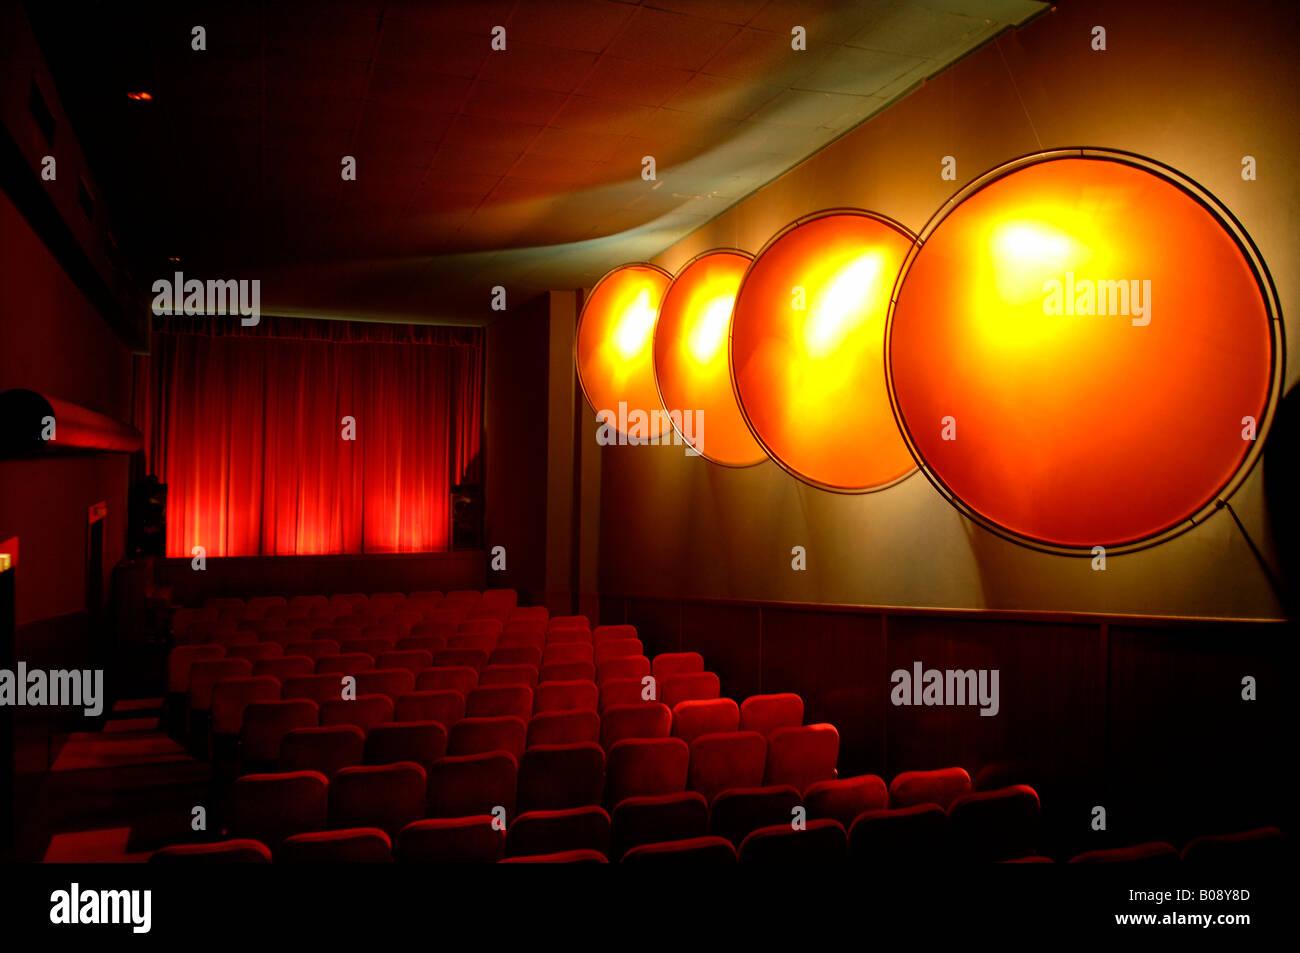 kino erlangen